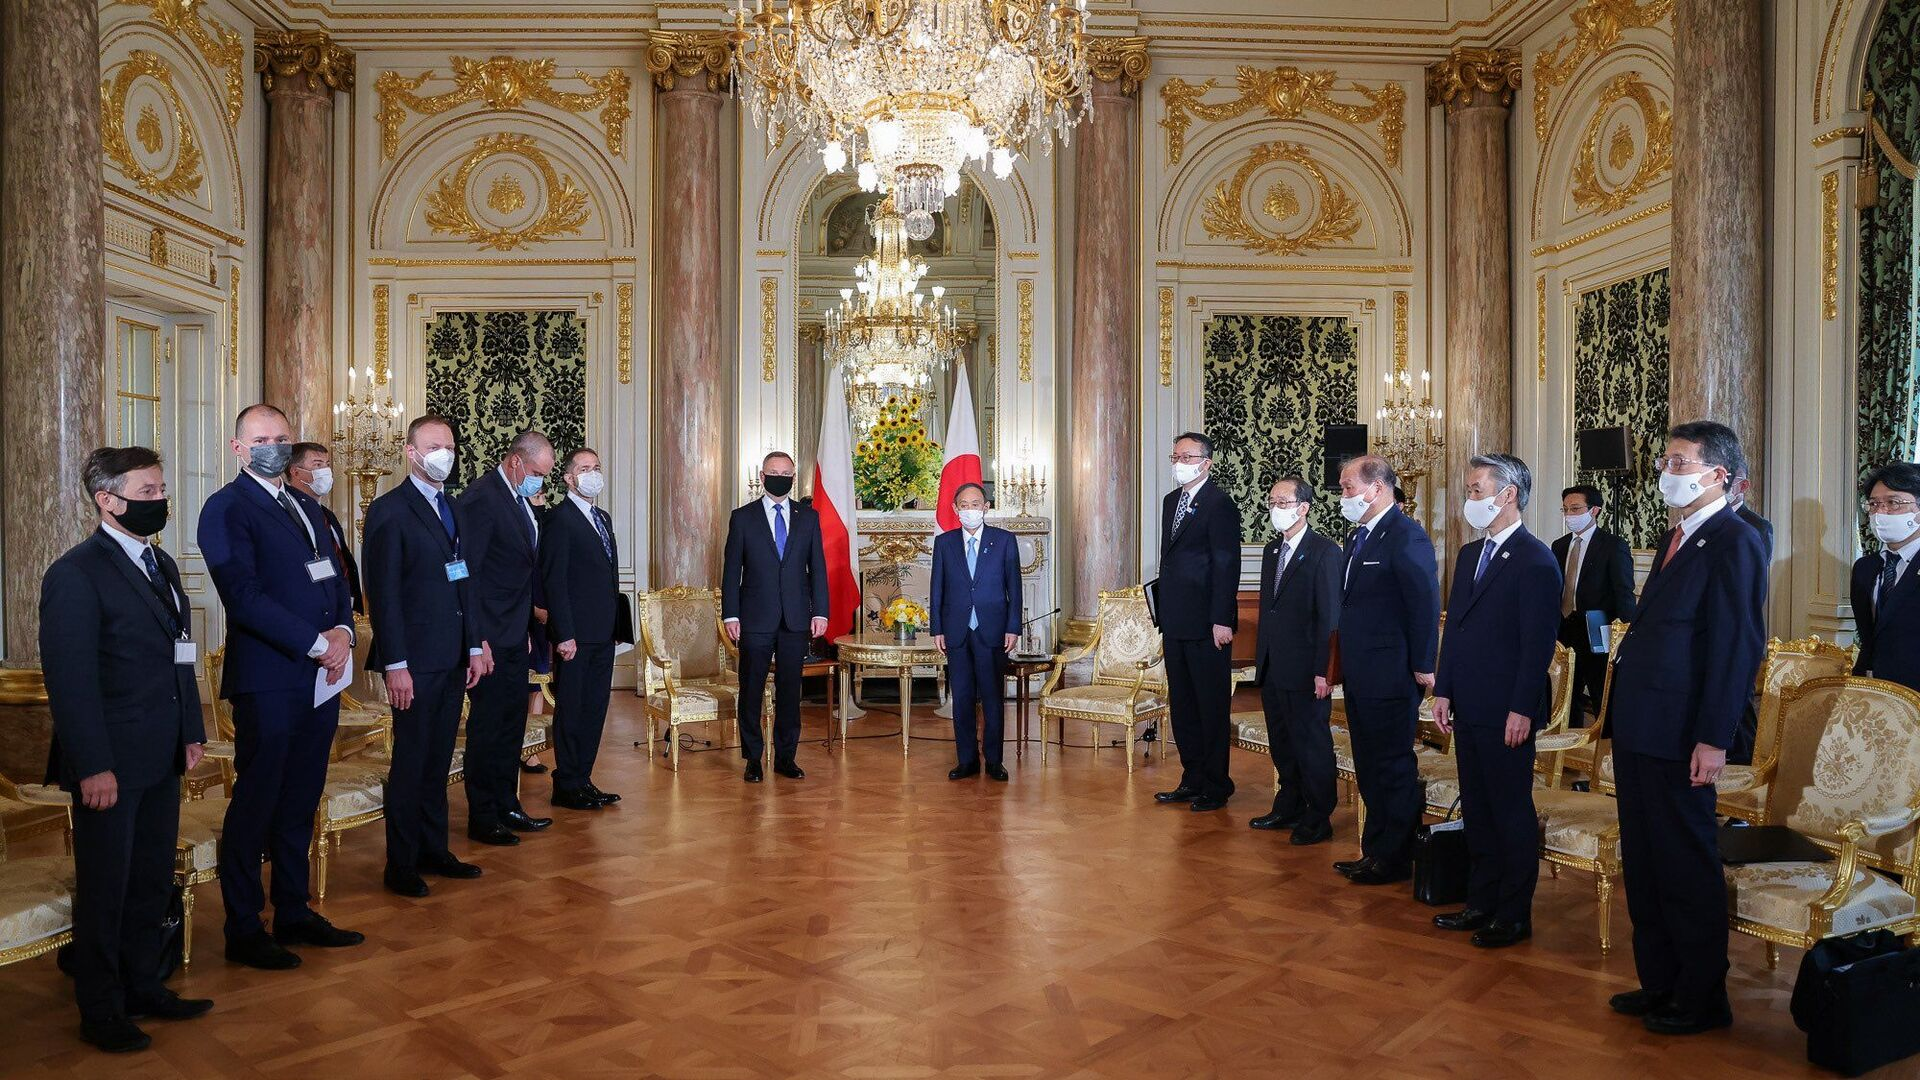 Spotkanie Andrzeja Dudy premierem Japonii  - Sputnik Polska, 1920, 24.07.2021